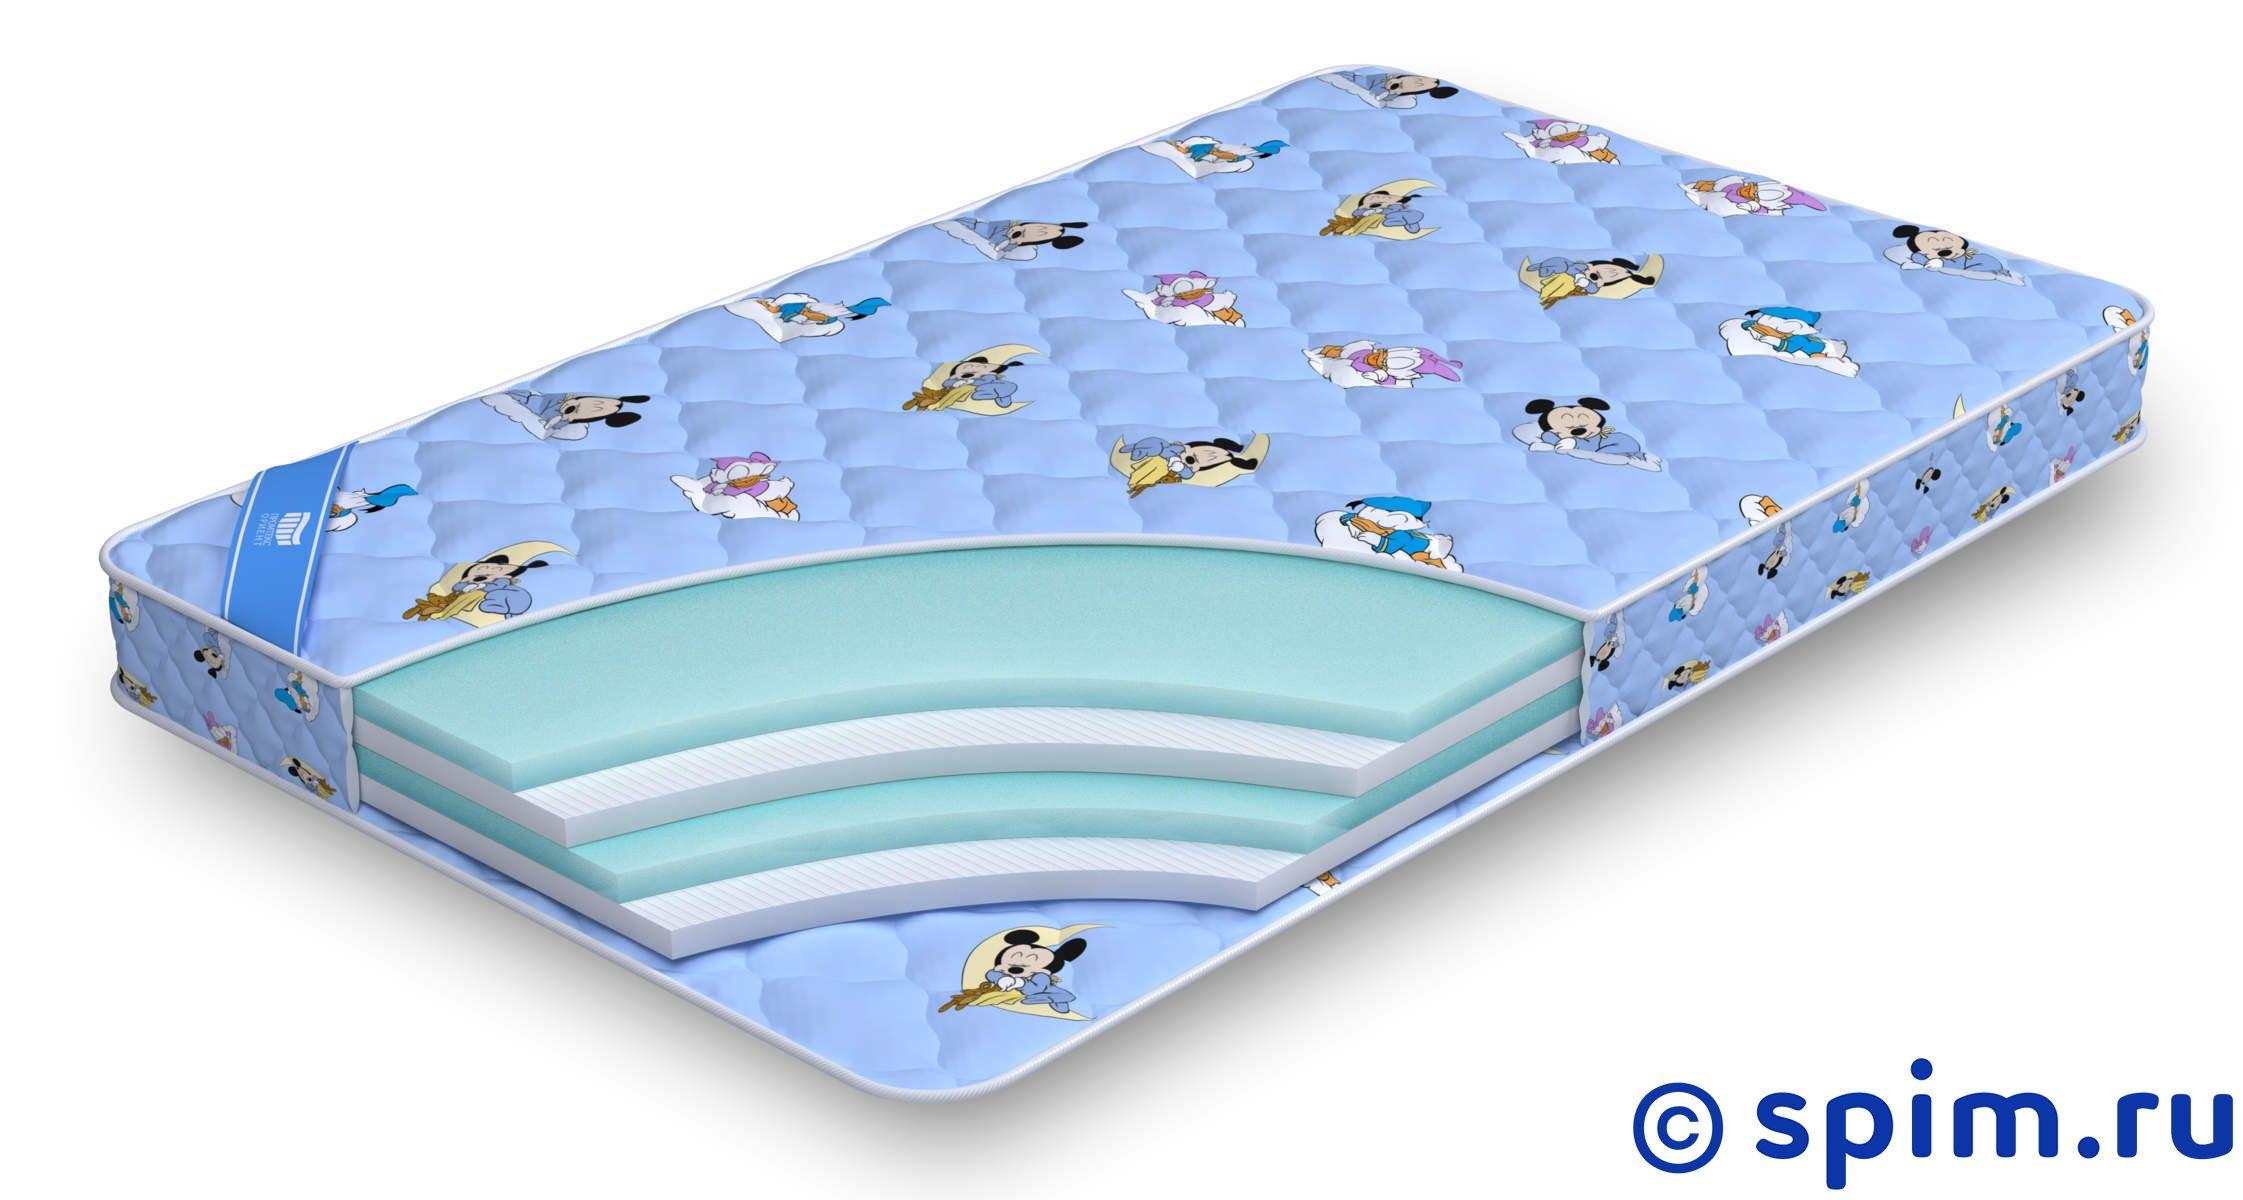 Матрас Промтекс-Ориент Biba Марк 12 80х160 см кровать промтекс ориент рено 1 110х200 см